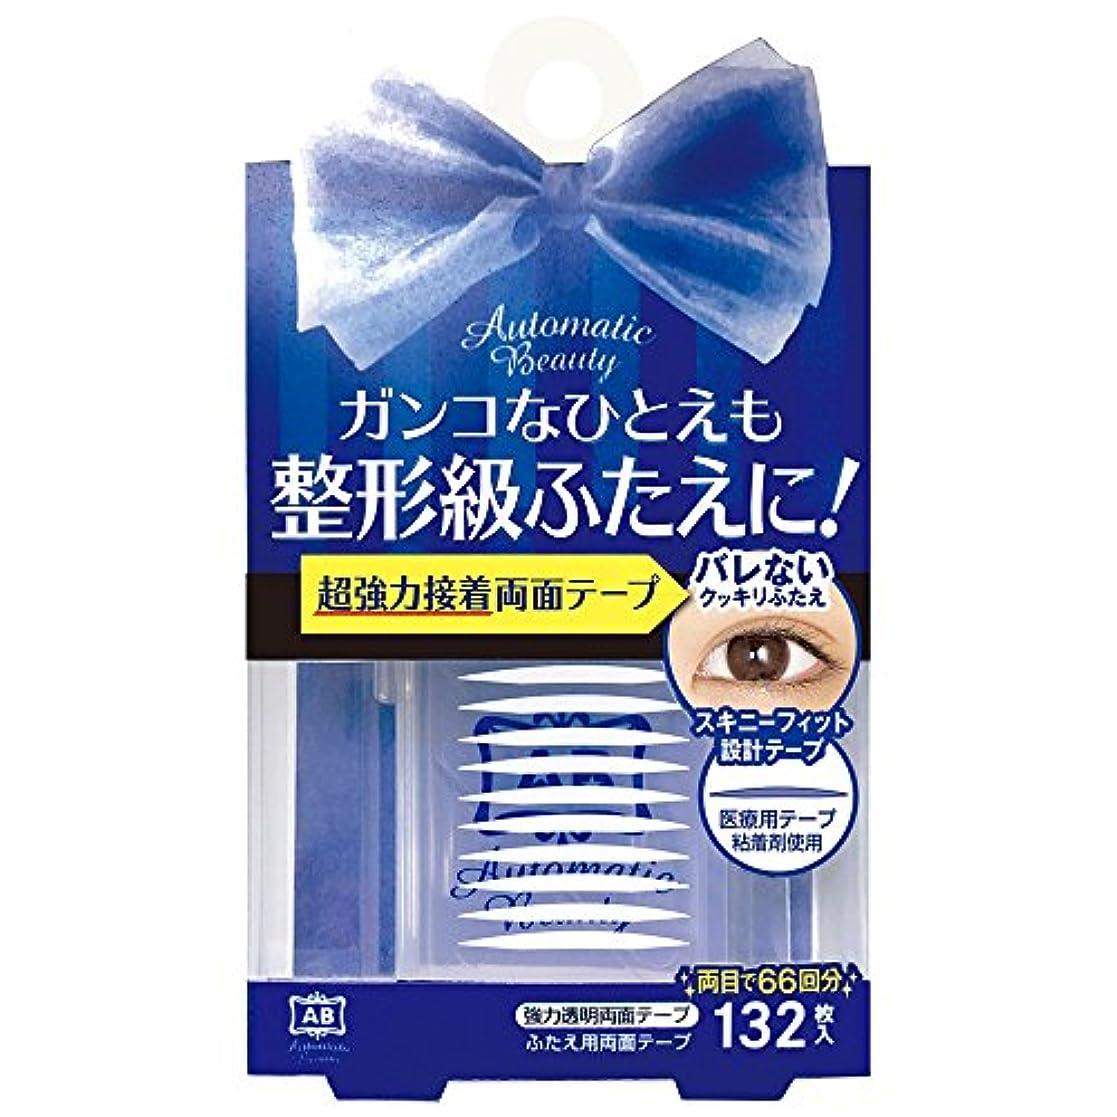 圧縮する言及する英語の授業がありますAB(オートマティックビューティ) ふたえ用両面テープ AB-YZ (132枚入)